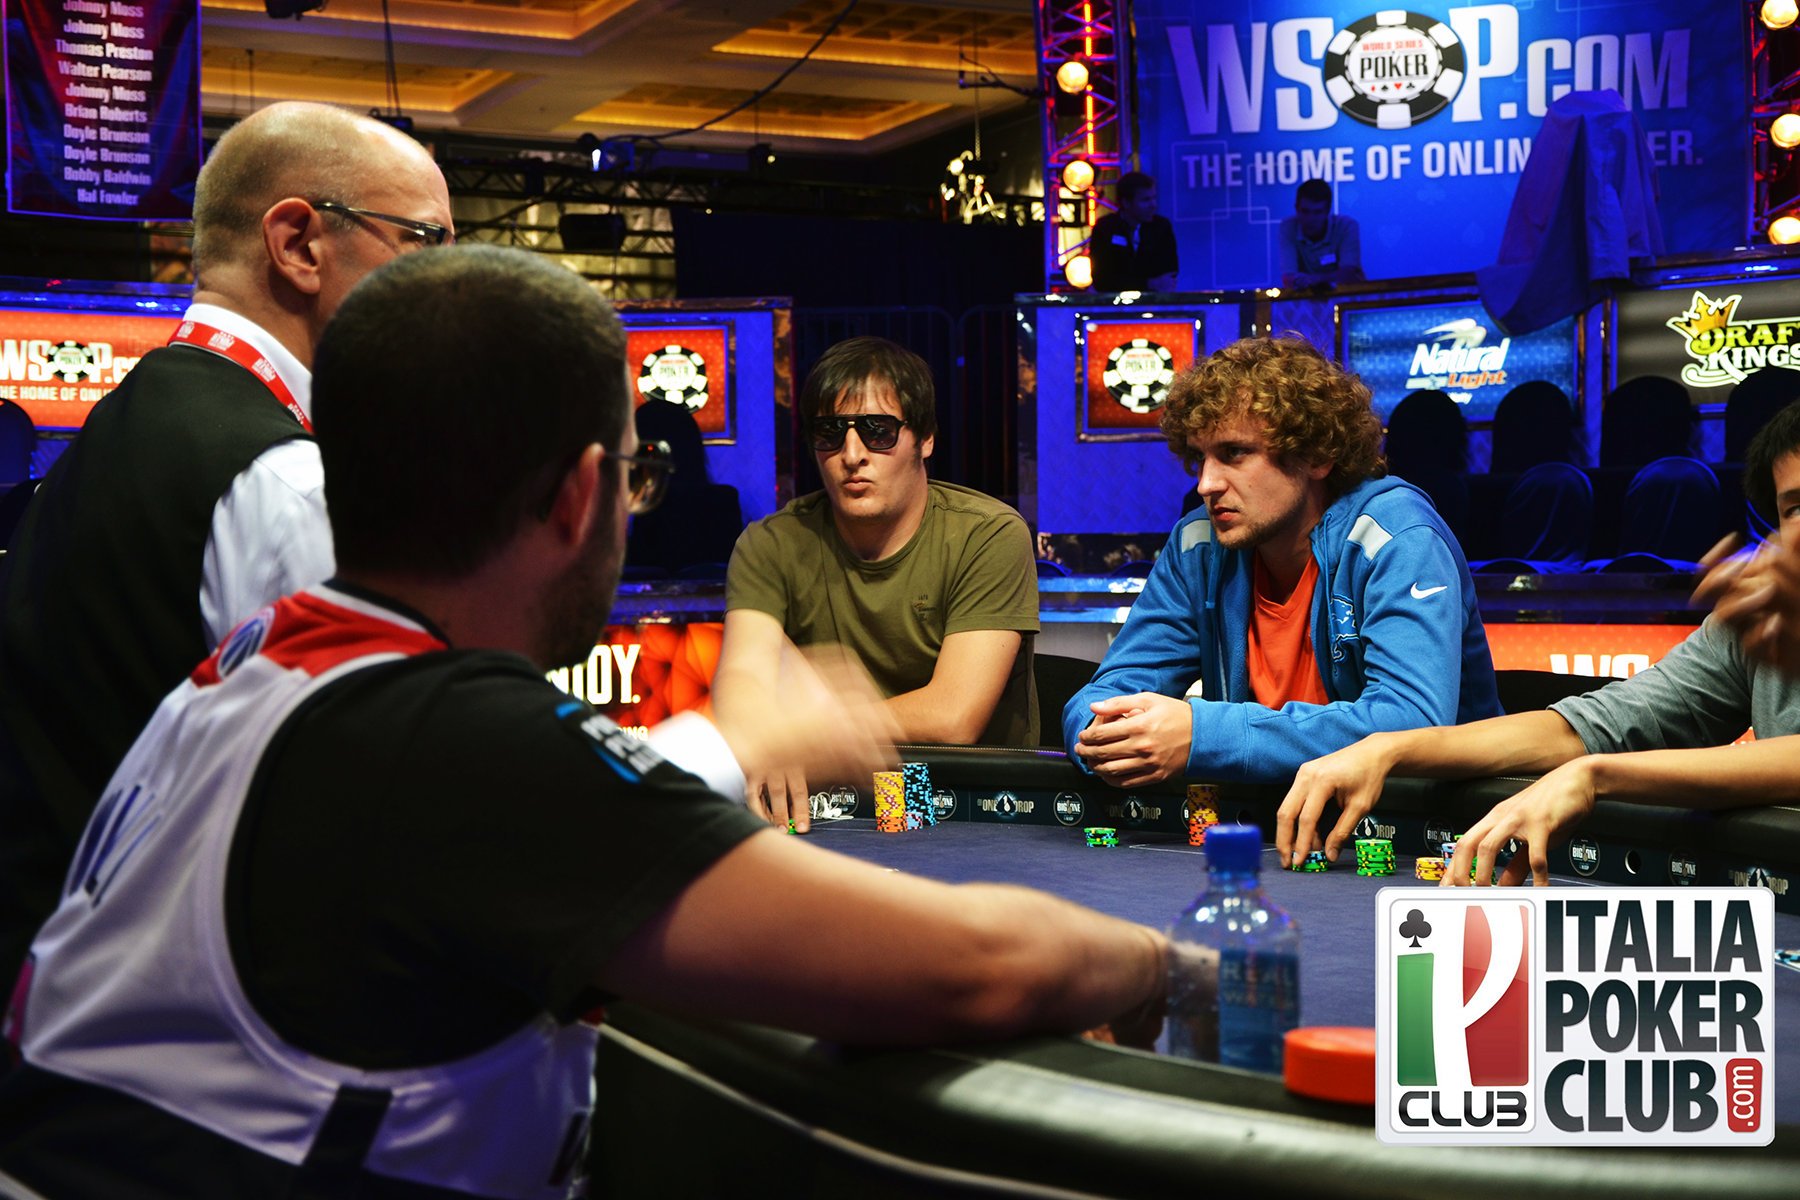 Oxford poker society